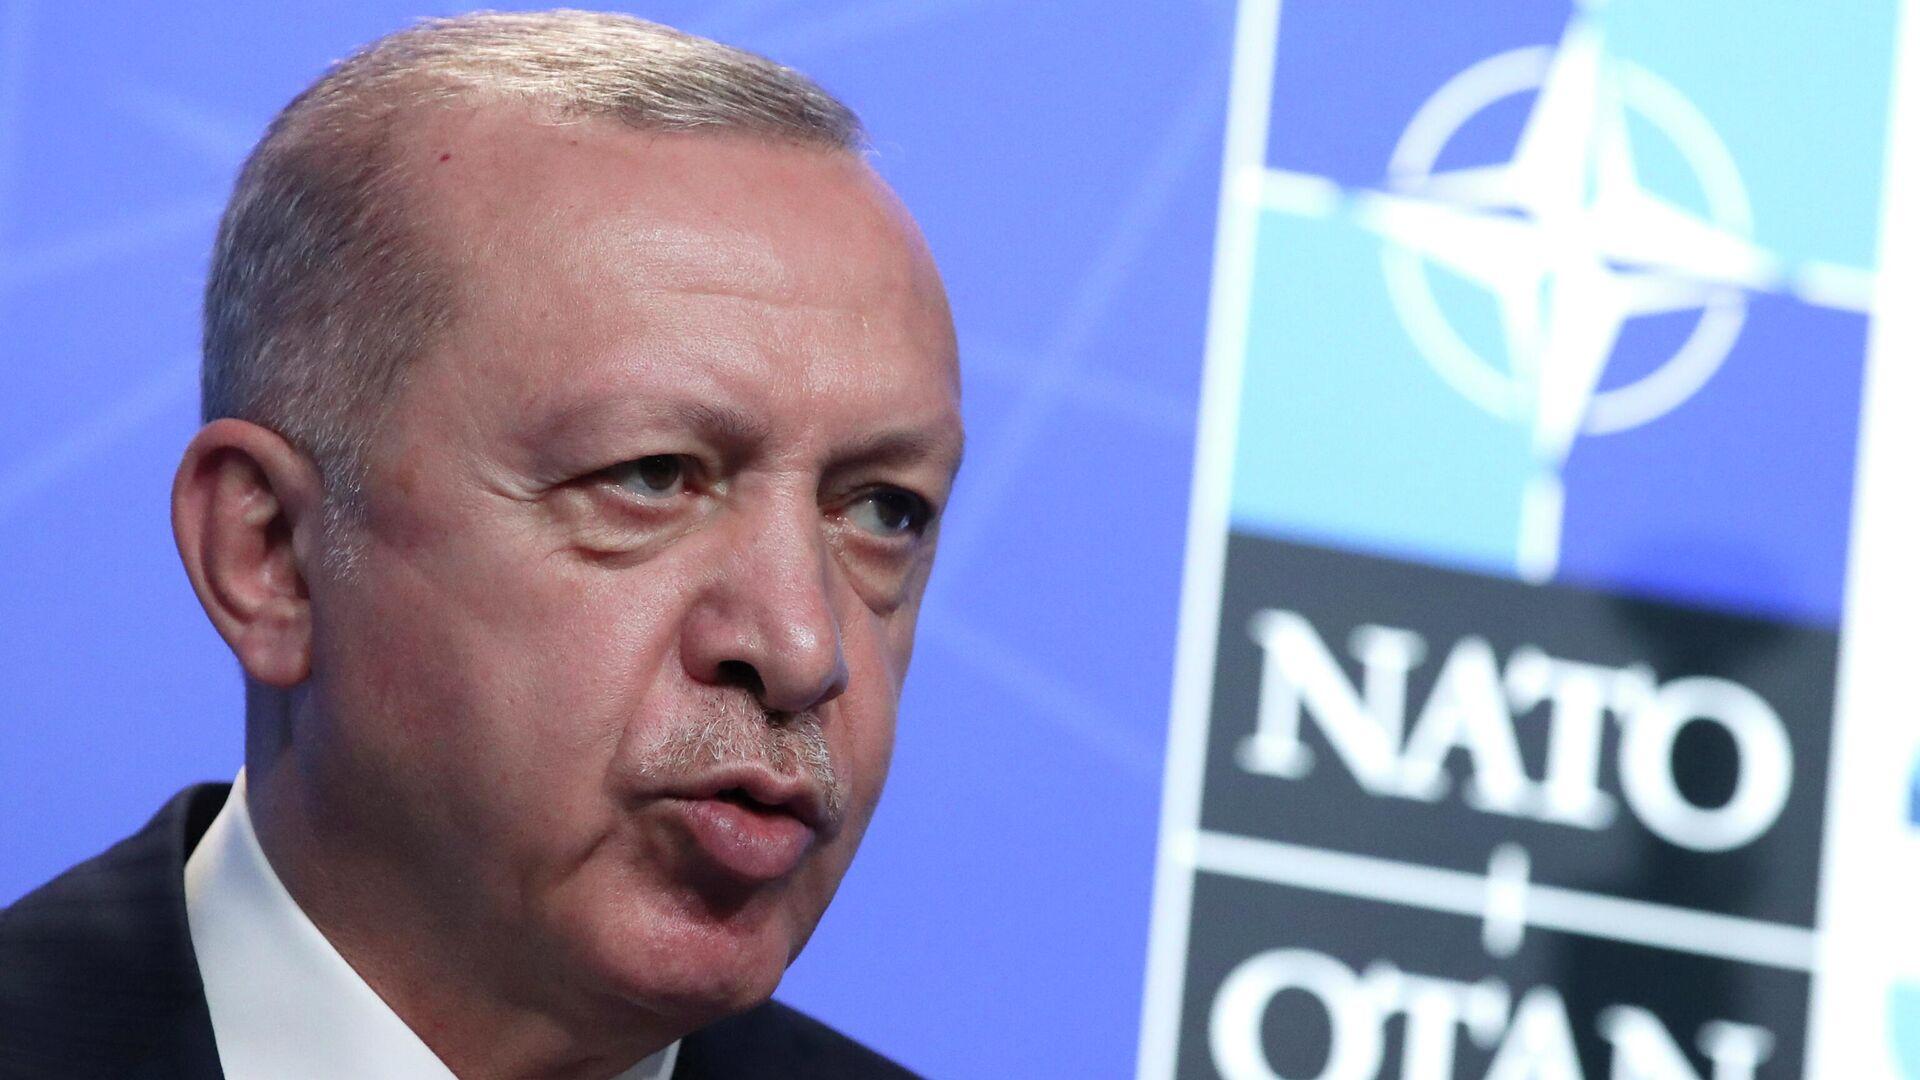 Recep Tayyip Erdogan, presidente de Truquía, durante la cumbre de la OTAN en Bruselas (Bélgica), el 14 de junio del 2021 - Sputnik Mundo, 1920, 26.09.2021